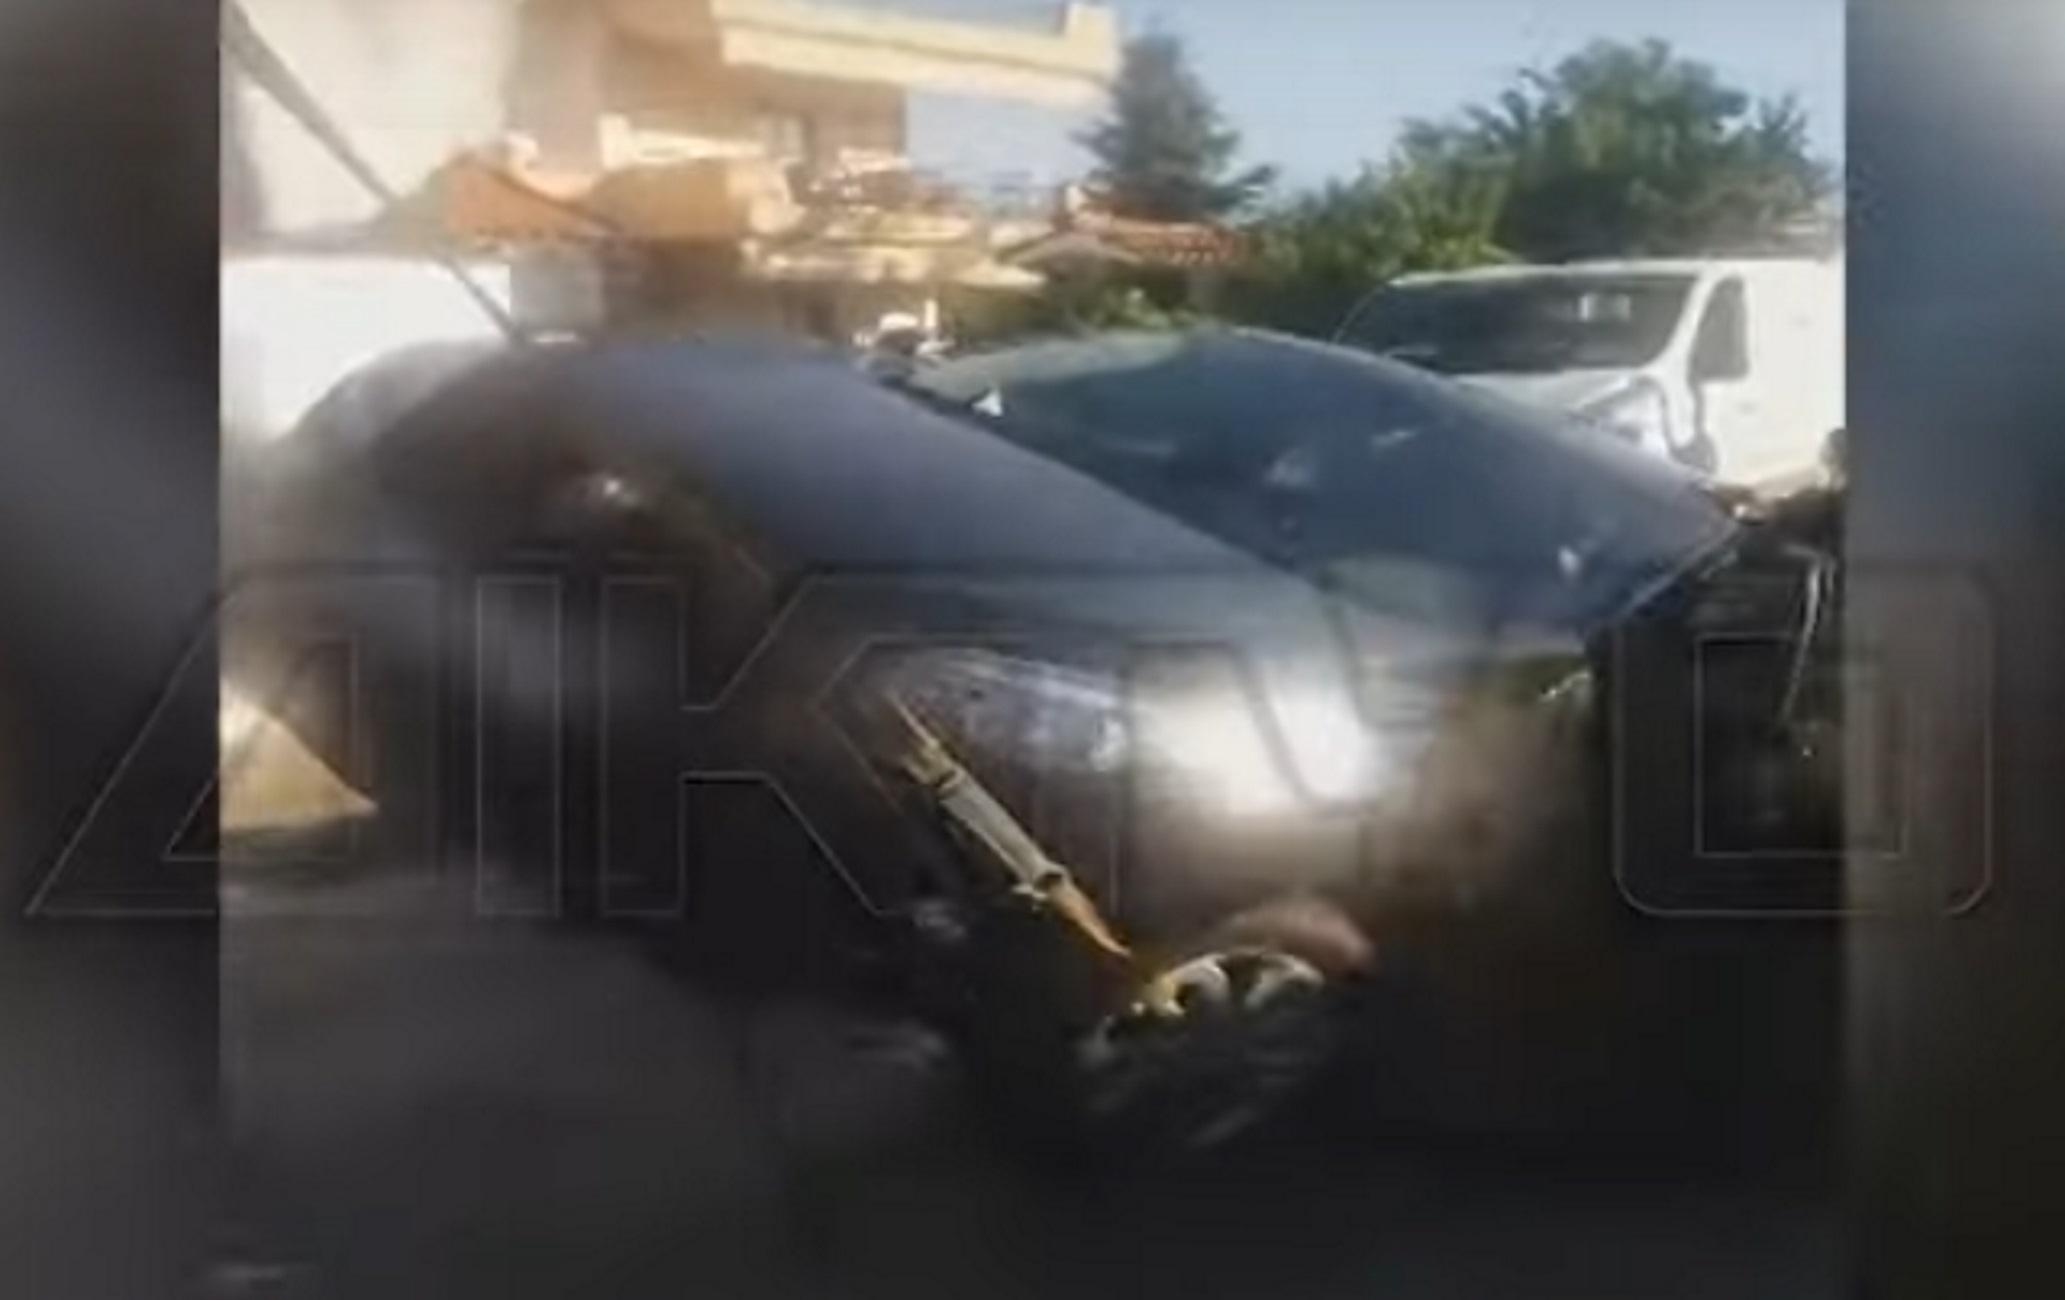 Σέρρες: Η στιγμή που ο δρόμος ανοίγει και «καταπίνει» αυτοκίνητο – Τρόμος για γυναίκα οδηγό (video)